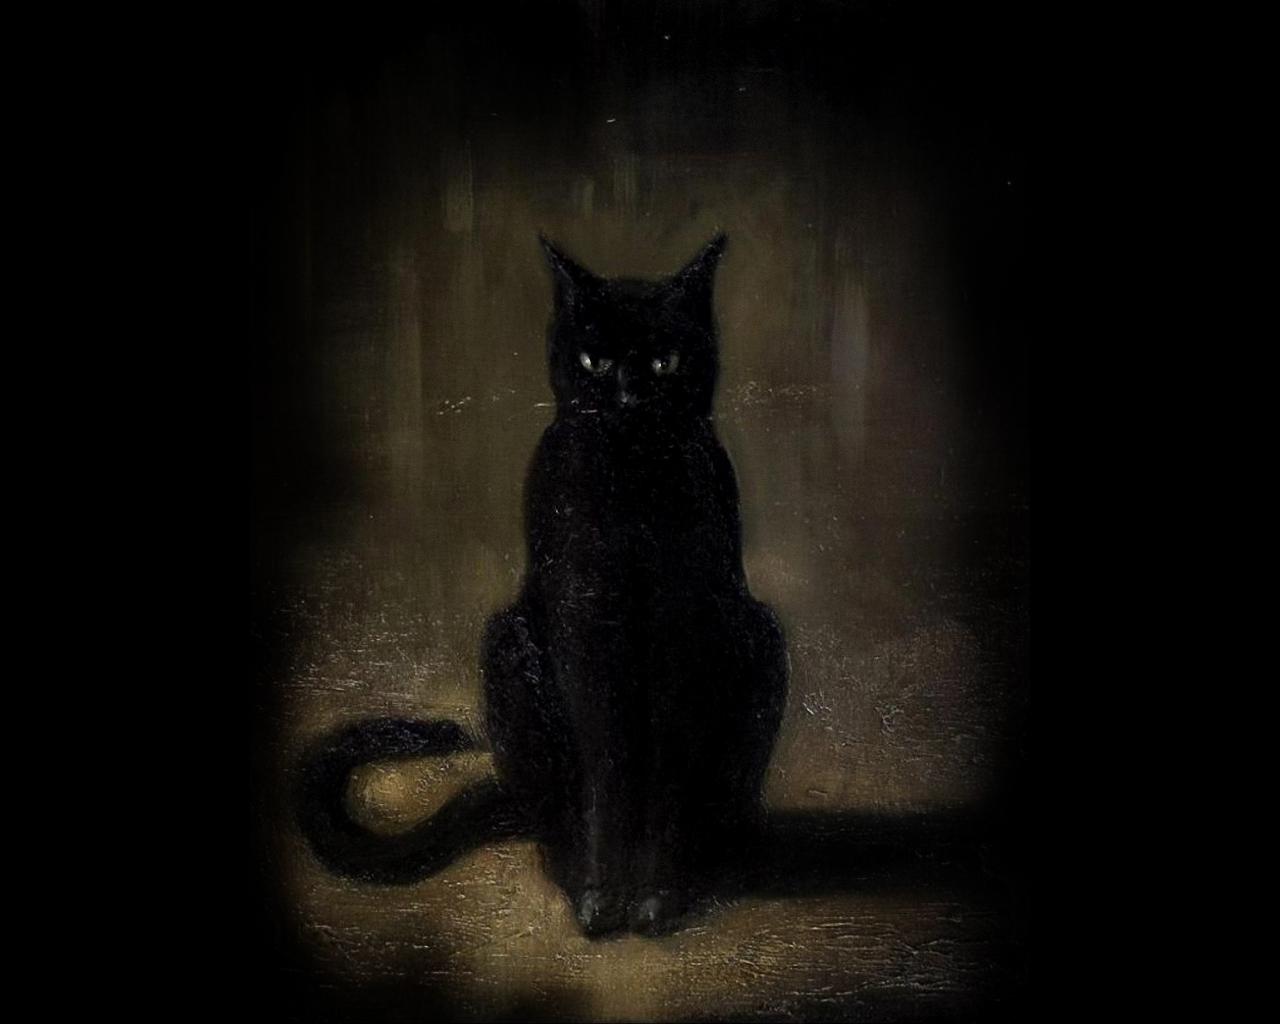 Картинки кота фэнтези